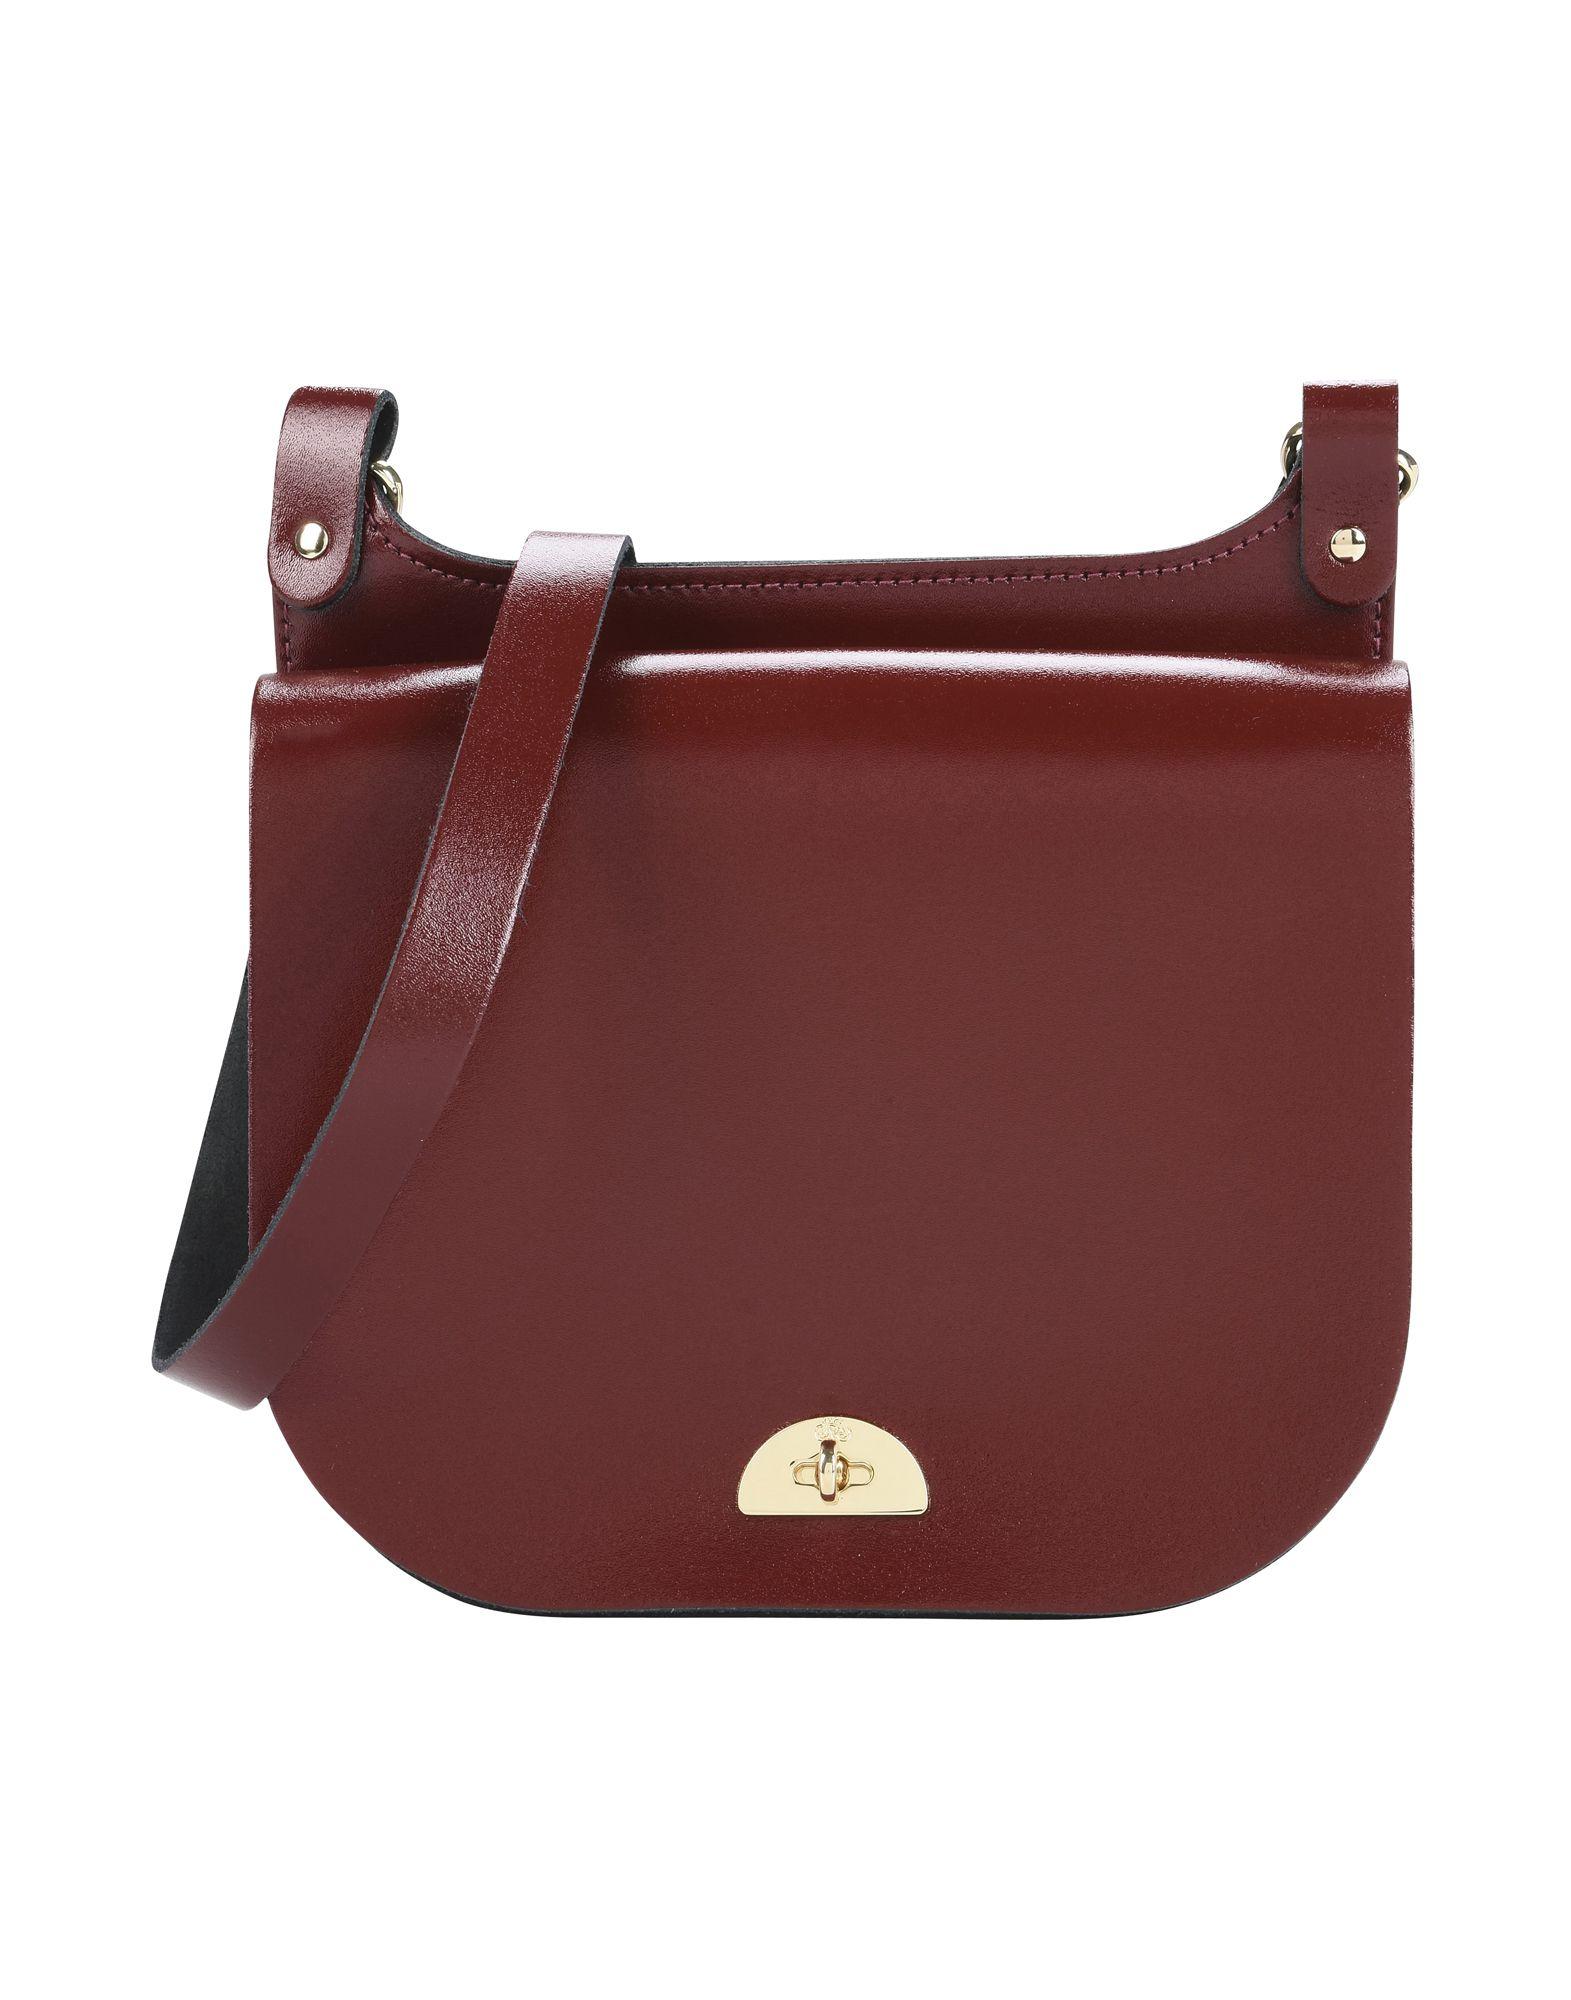 569835e96 The Cambridge Satchel Company Conductors Bag - Cross-Body Bags ...